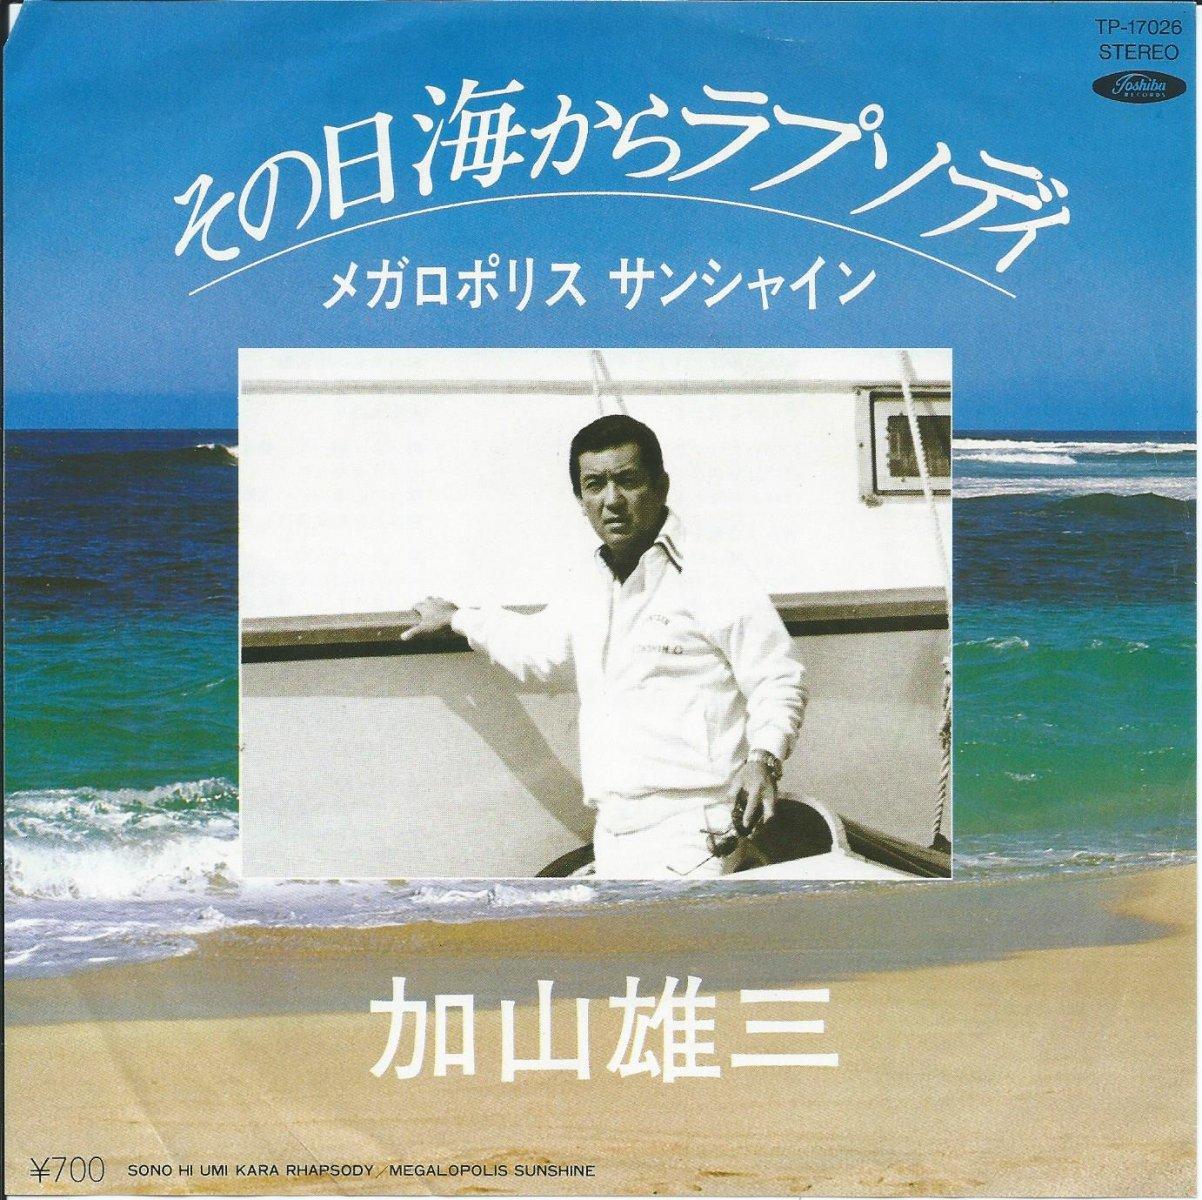 加山雄三 YUZO KAYAMA / その日海からラプソディ / メガロポリス・サンシャイン (7